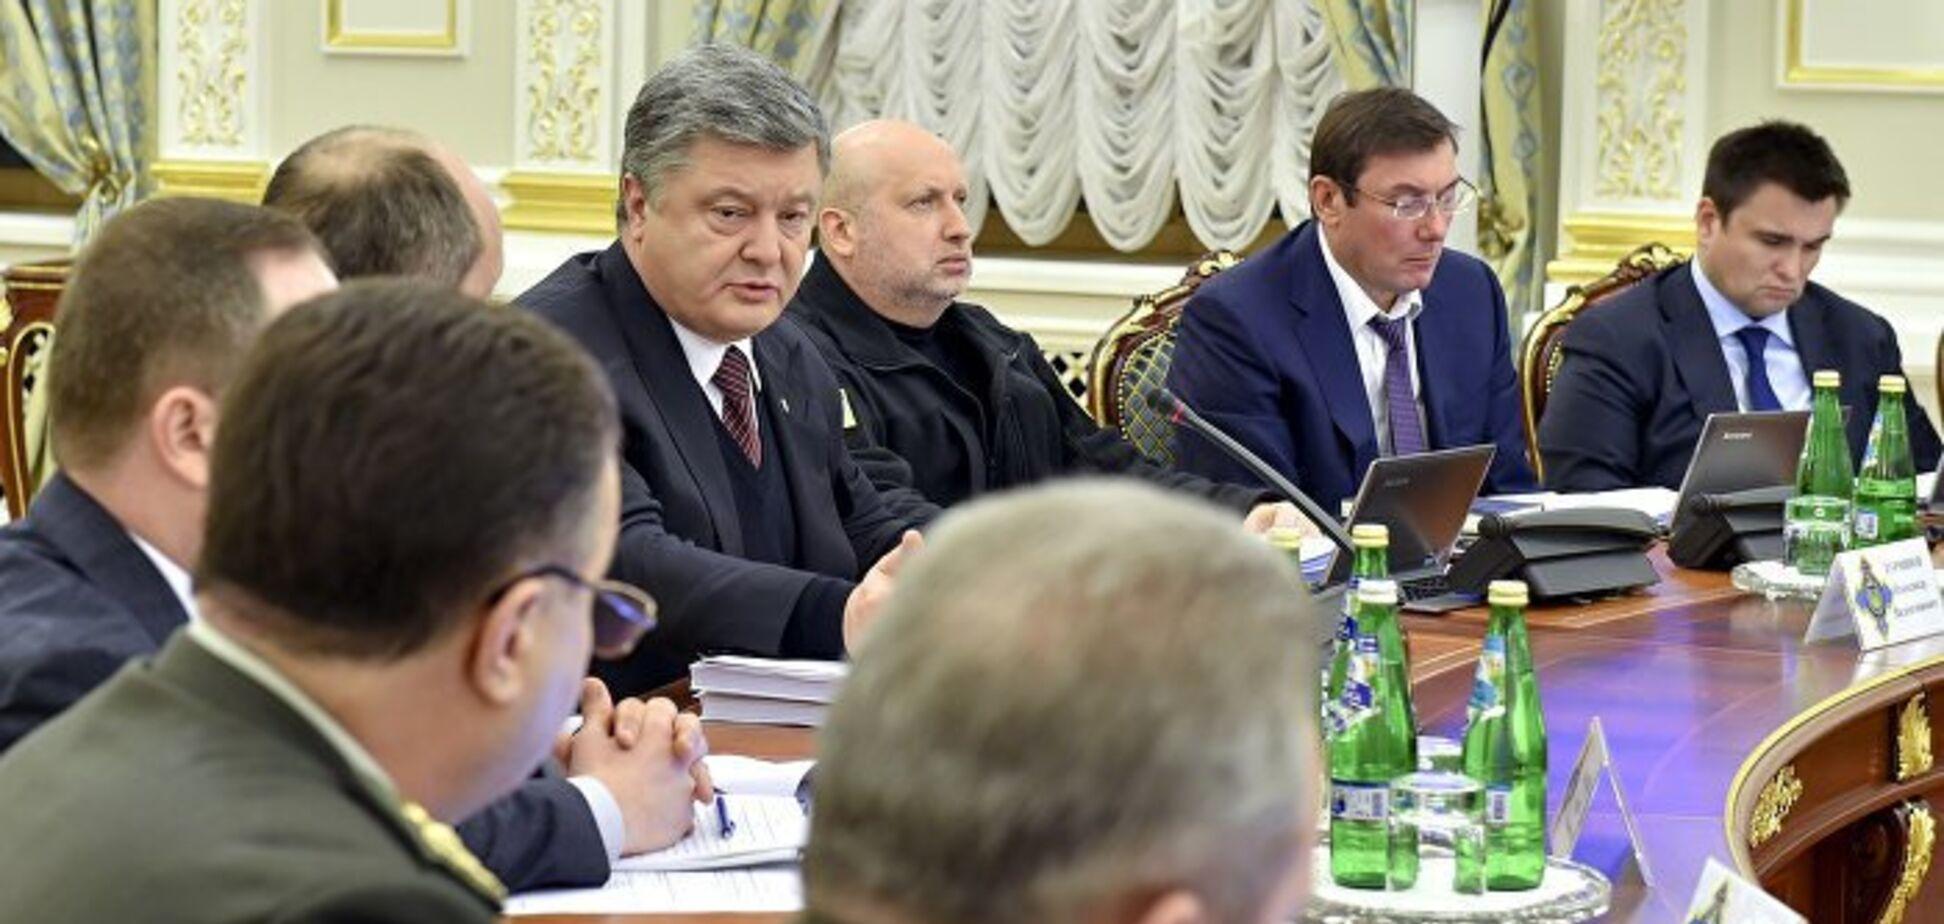 Россия захватила украинские корабли: Порошенко срочно созвал военный кабинет